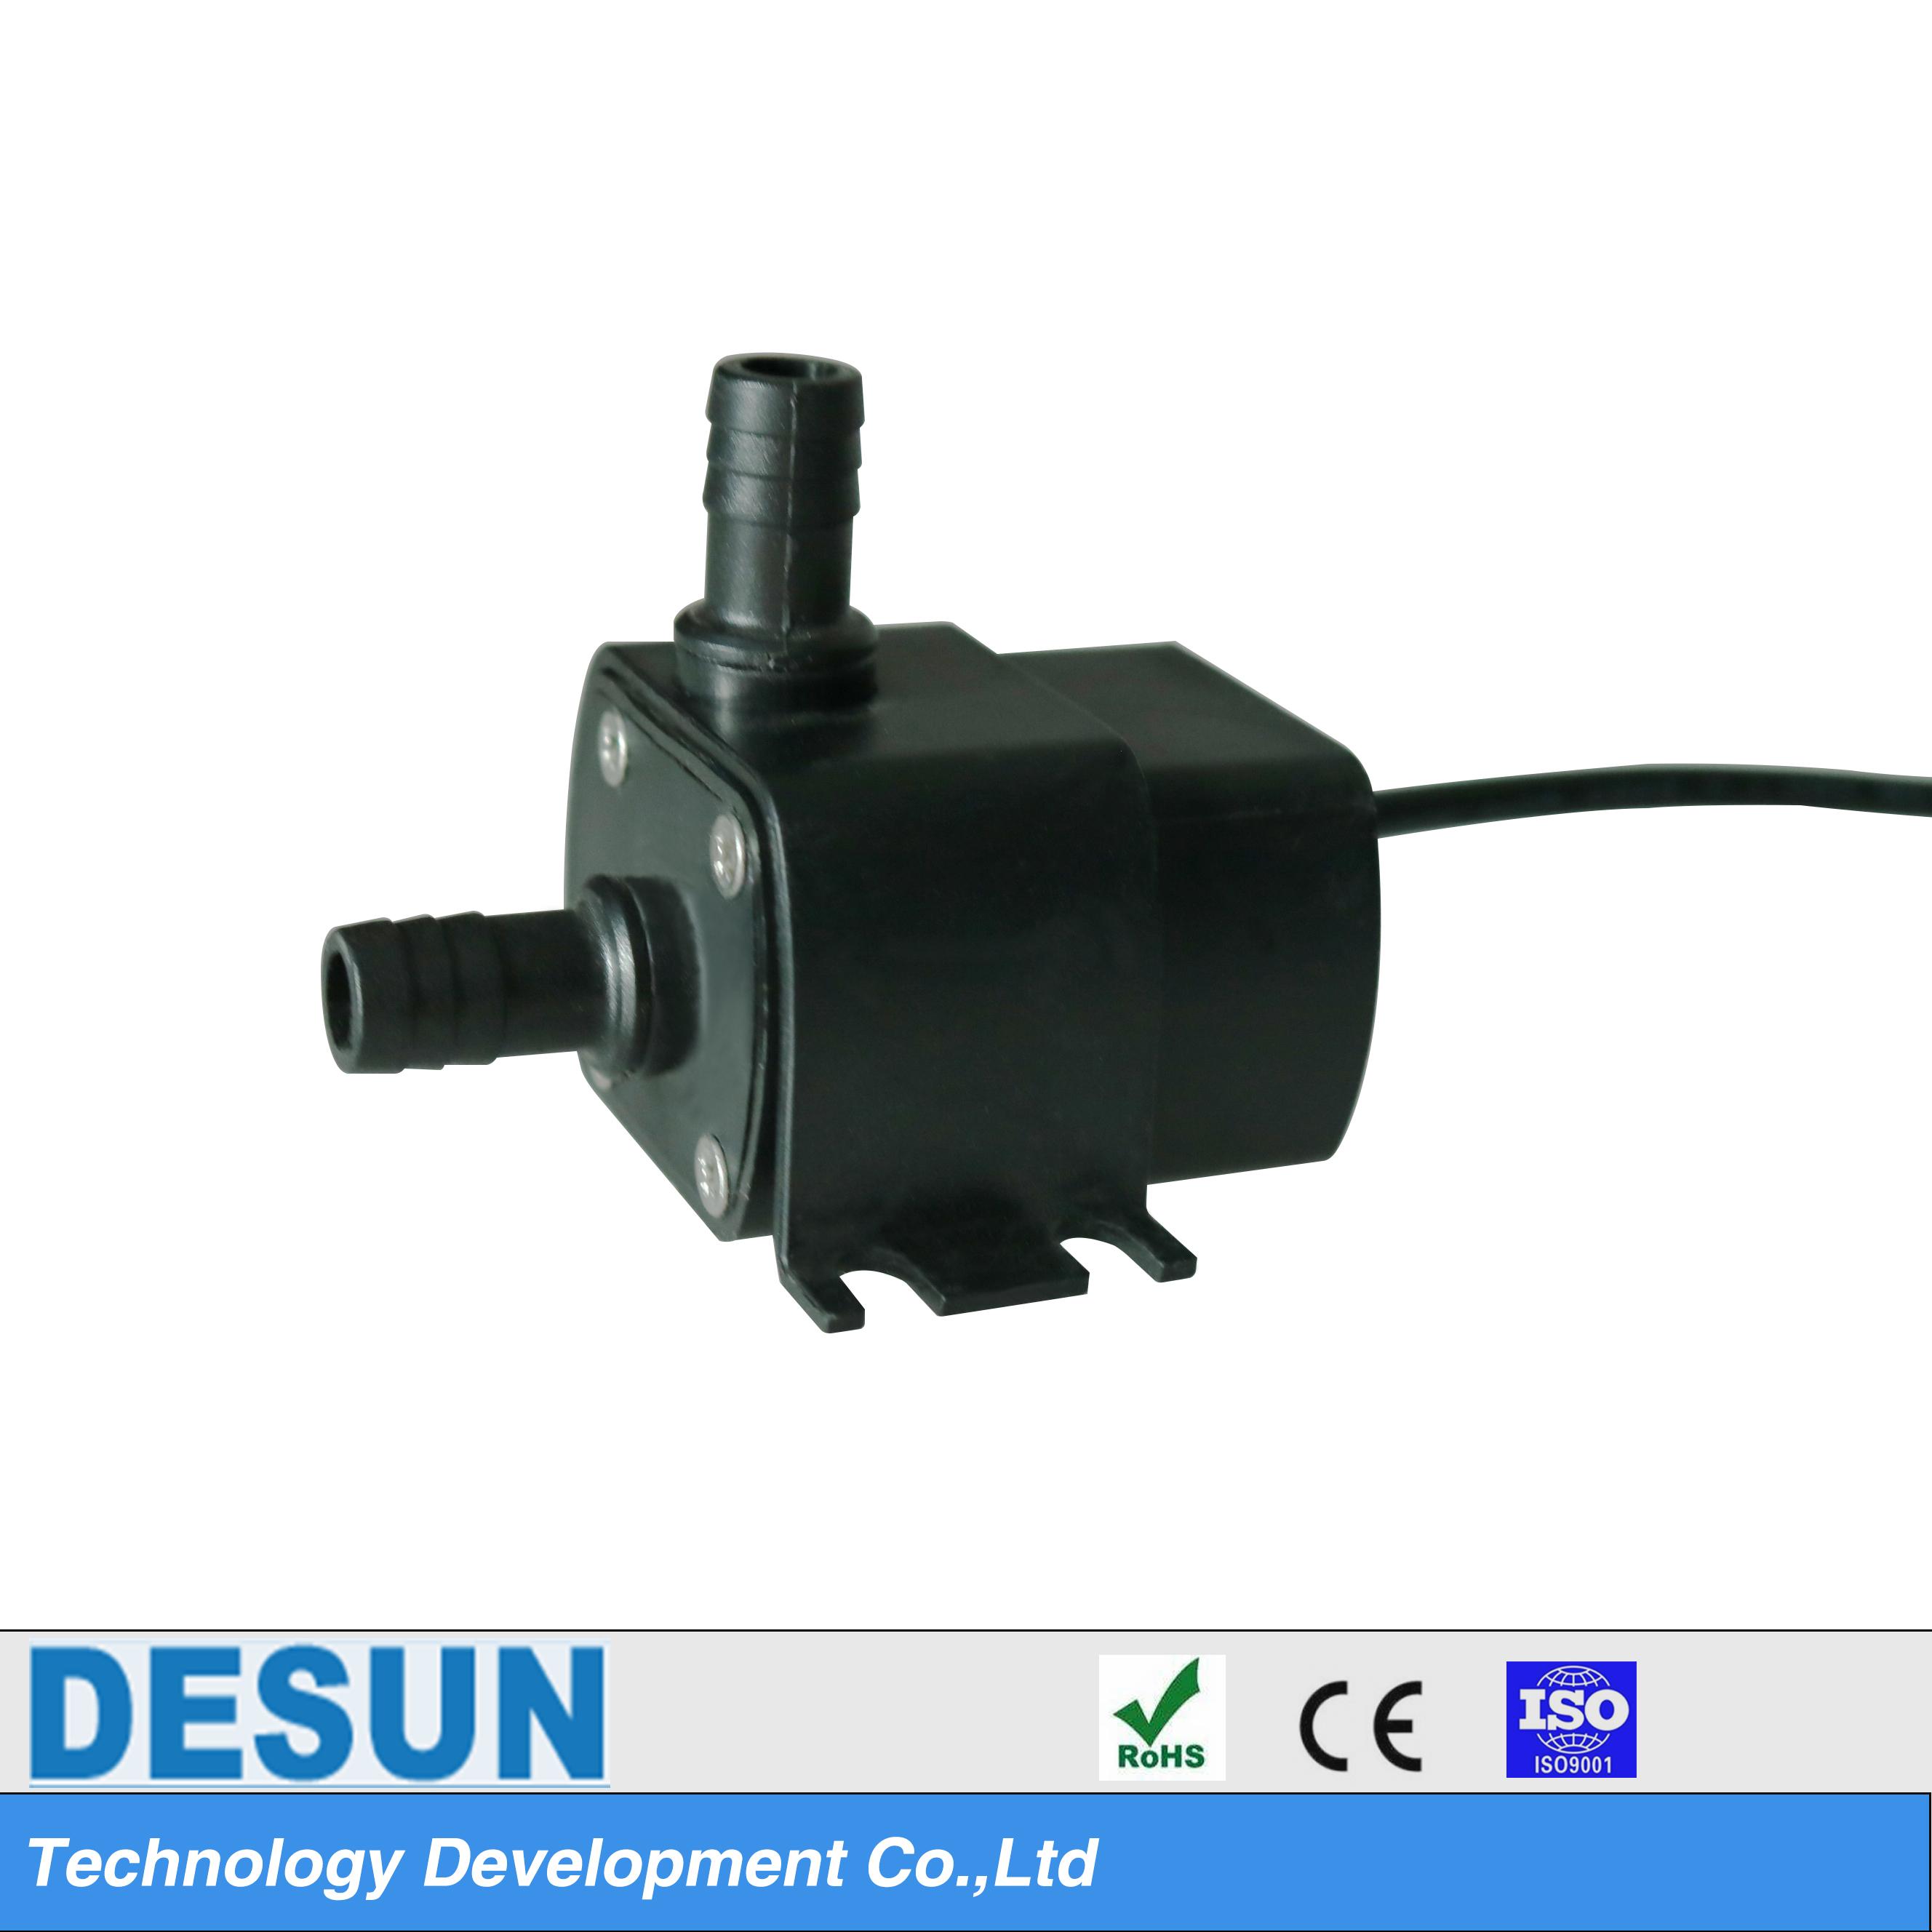 家用电器微型水泵DS3003